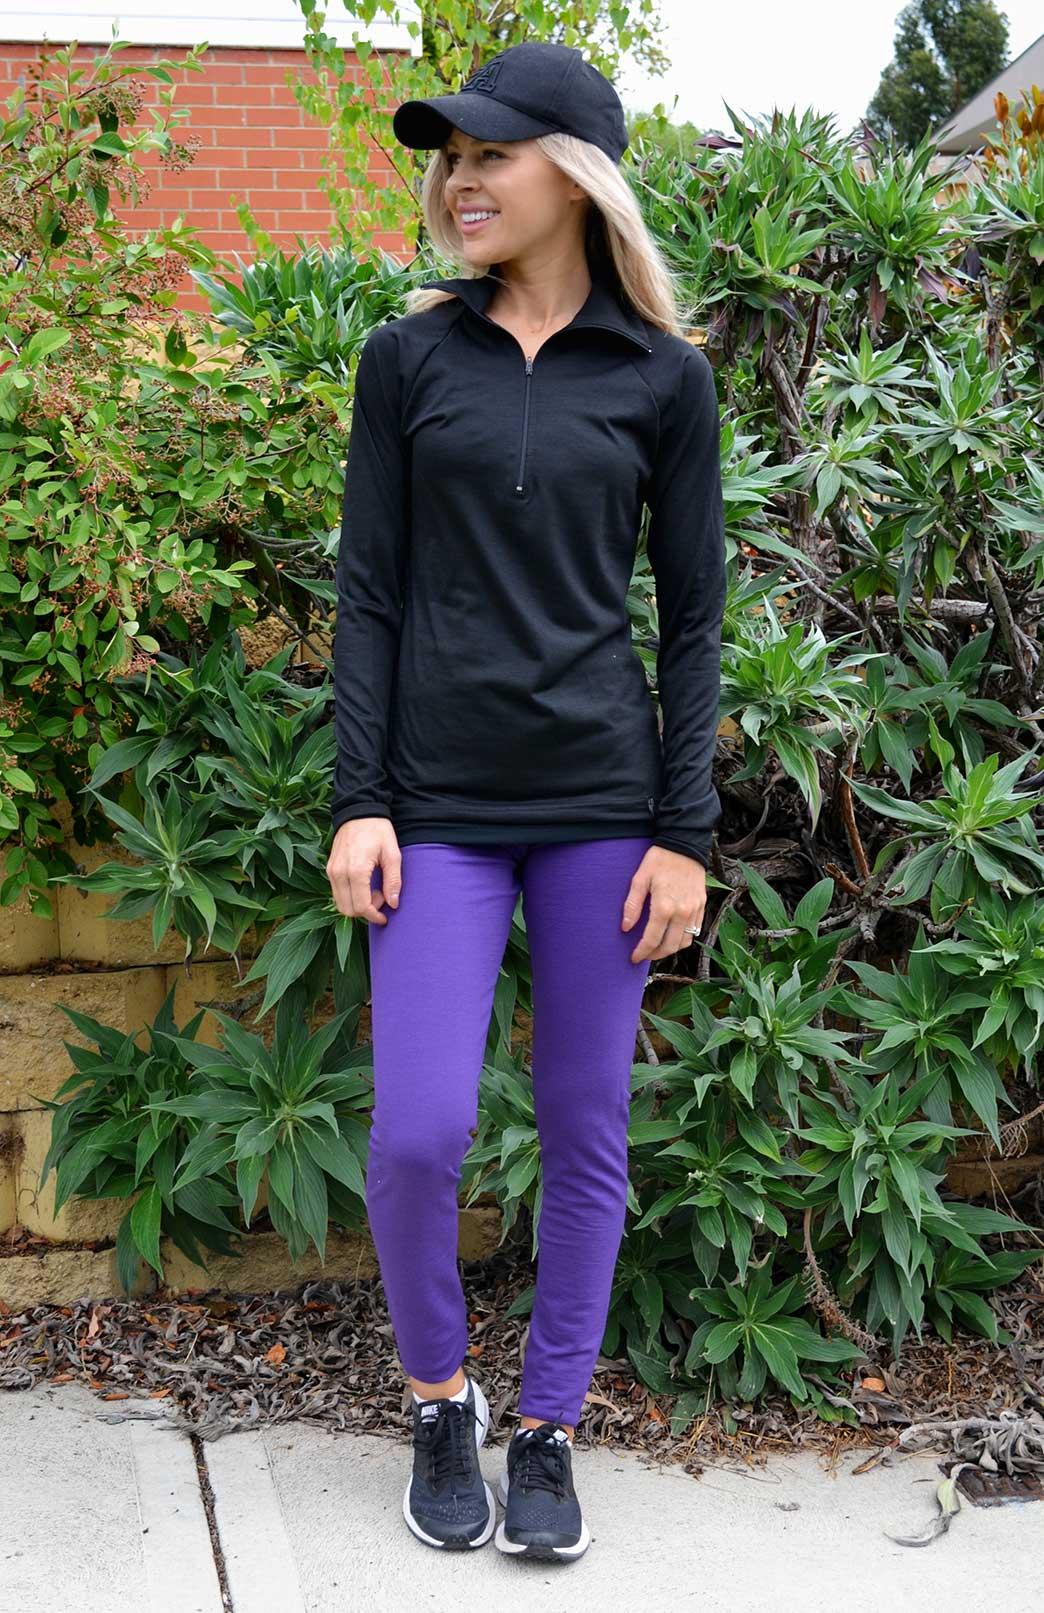 Leggings - 240g - Women's 240g Violet Purple Thermal Leggings - Smitten Merino Tasmania Australia